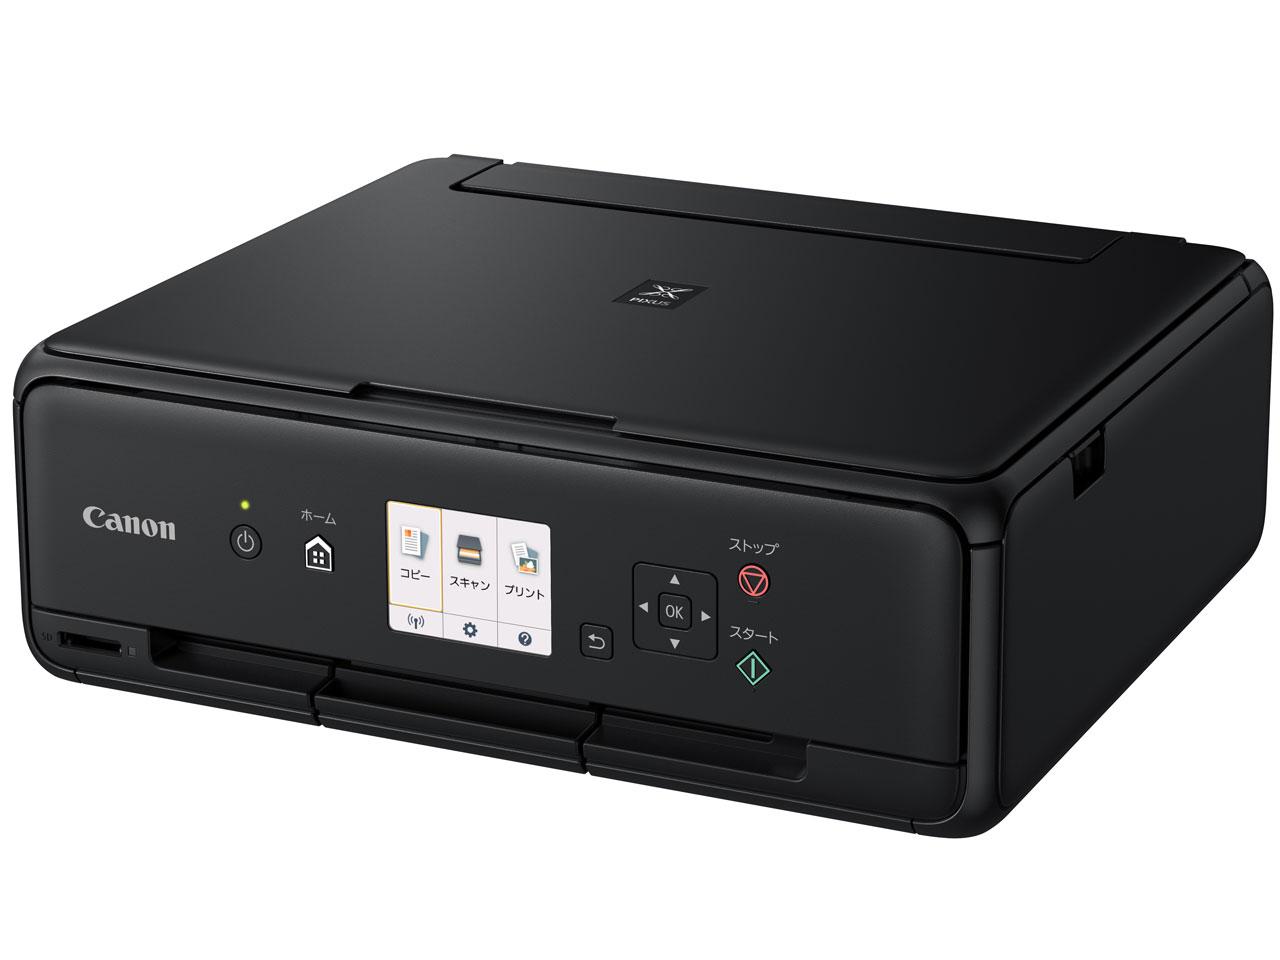 PIXUS TS5030 の製品画像